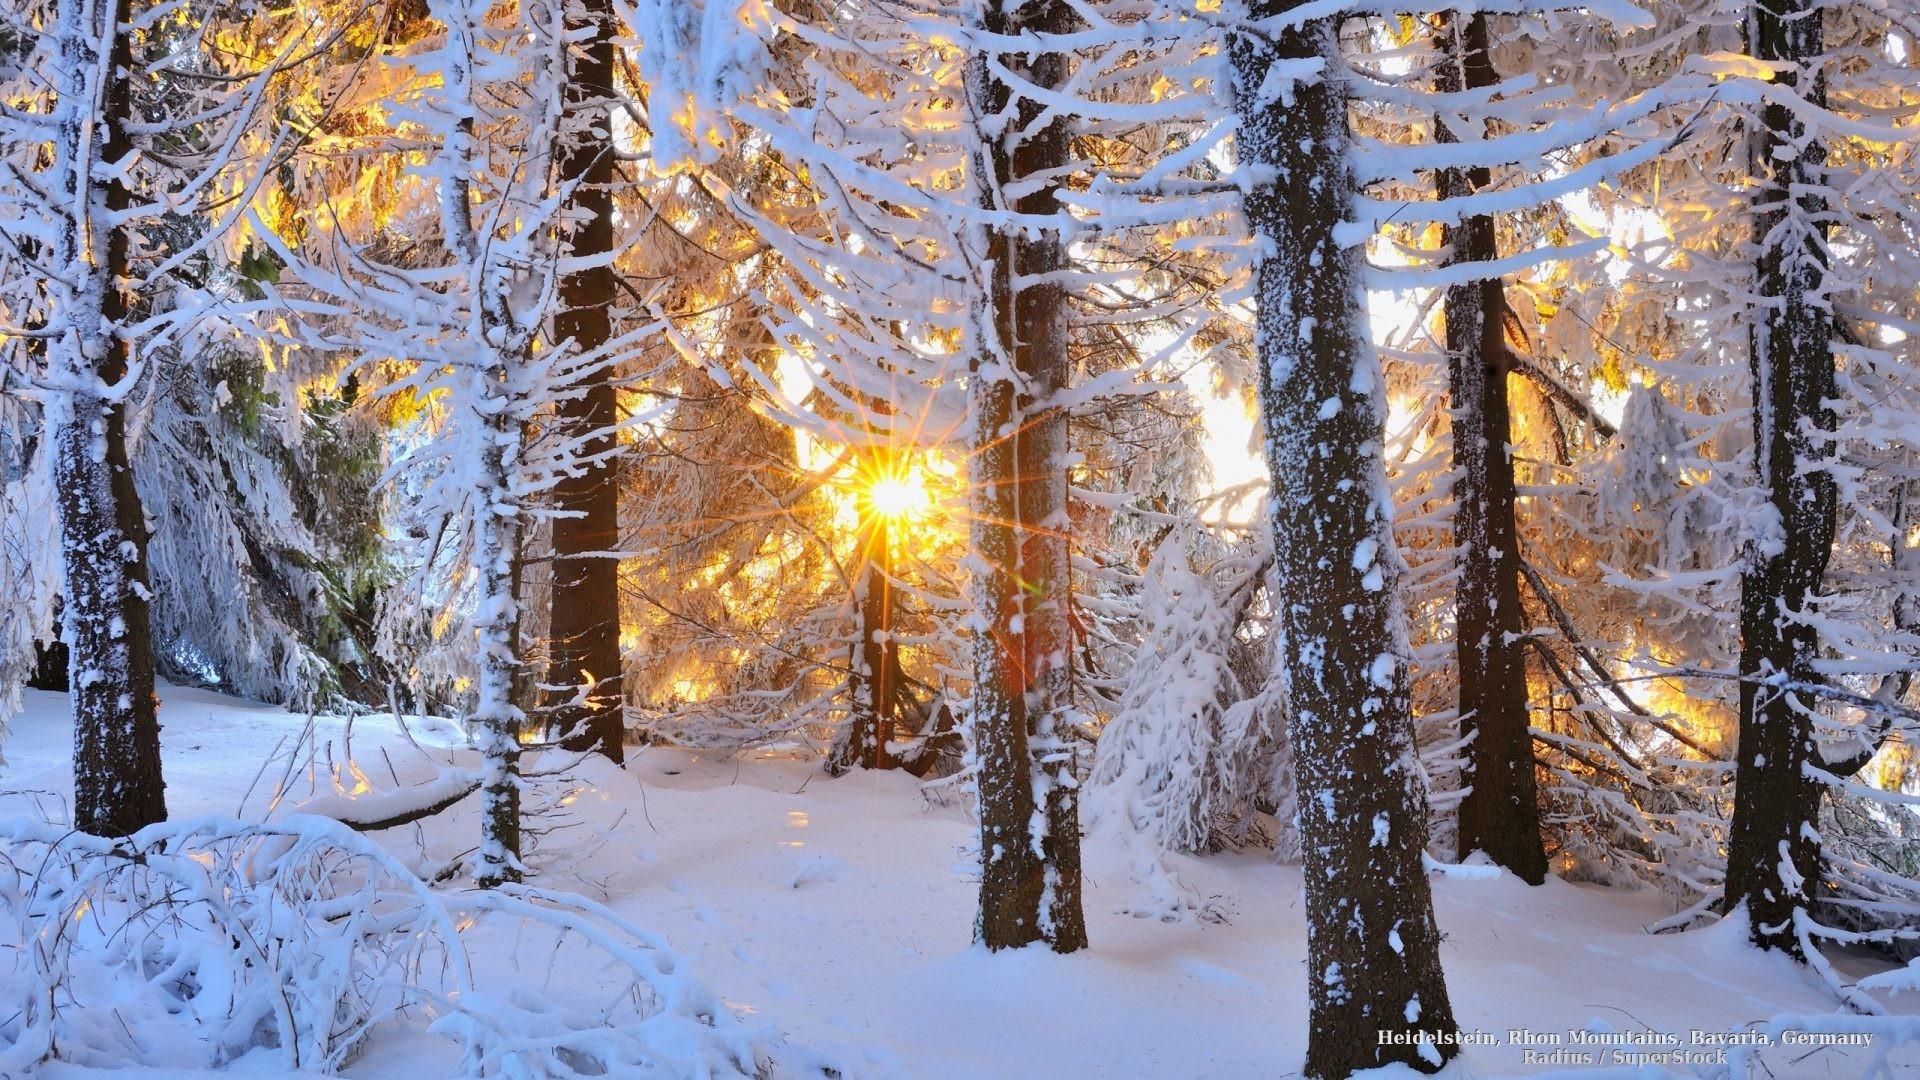 Christmas Scene Screensaver Wallpaper: Snowy Scene Wallpaper (49+ Images